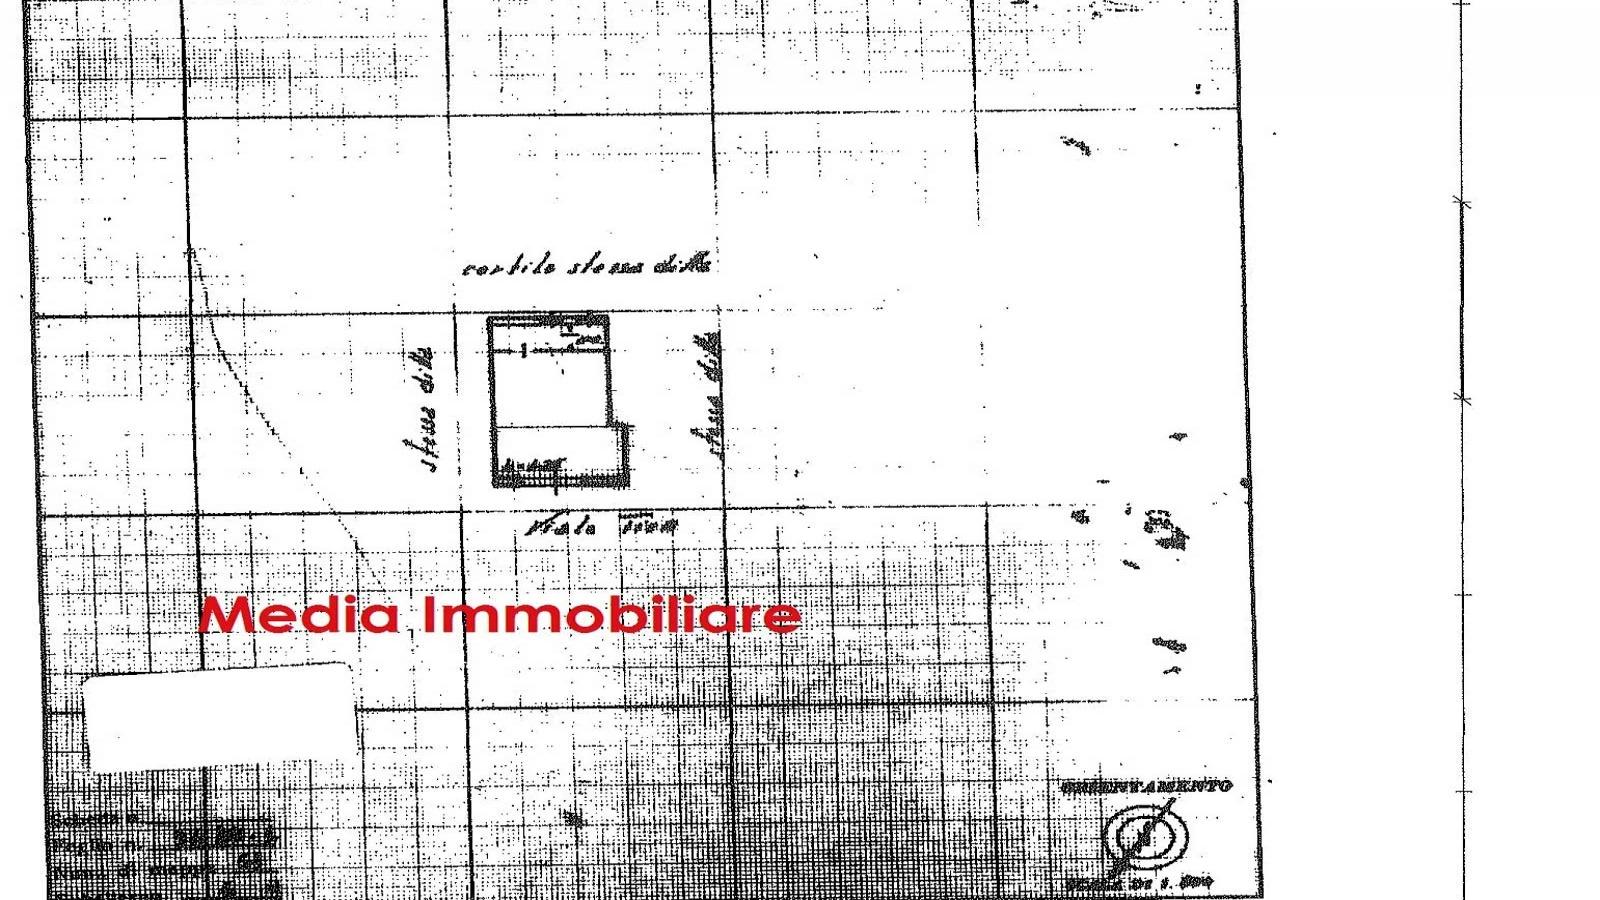 pressi viale tica,siracusa,Commerciale,pressi viale tica,1504